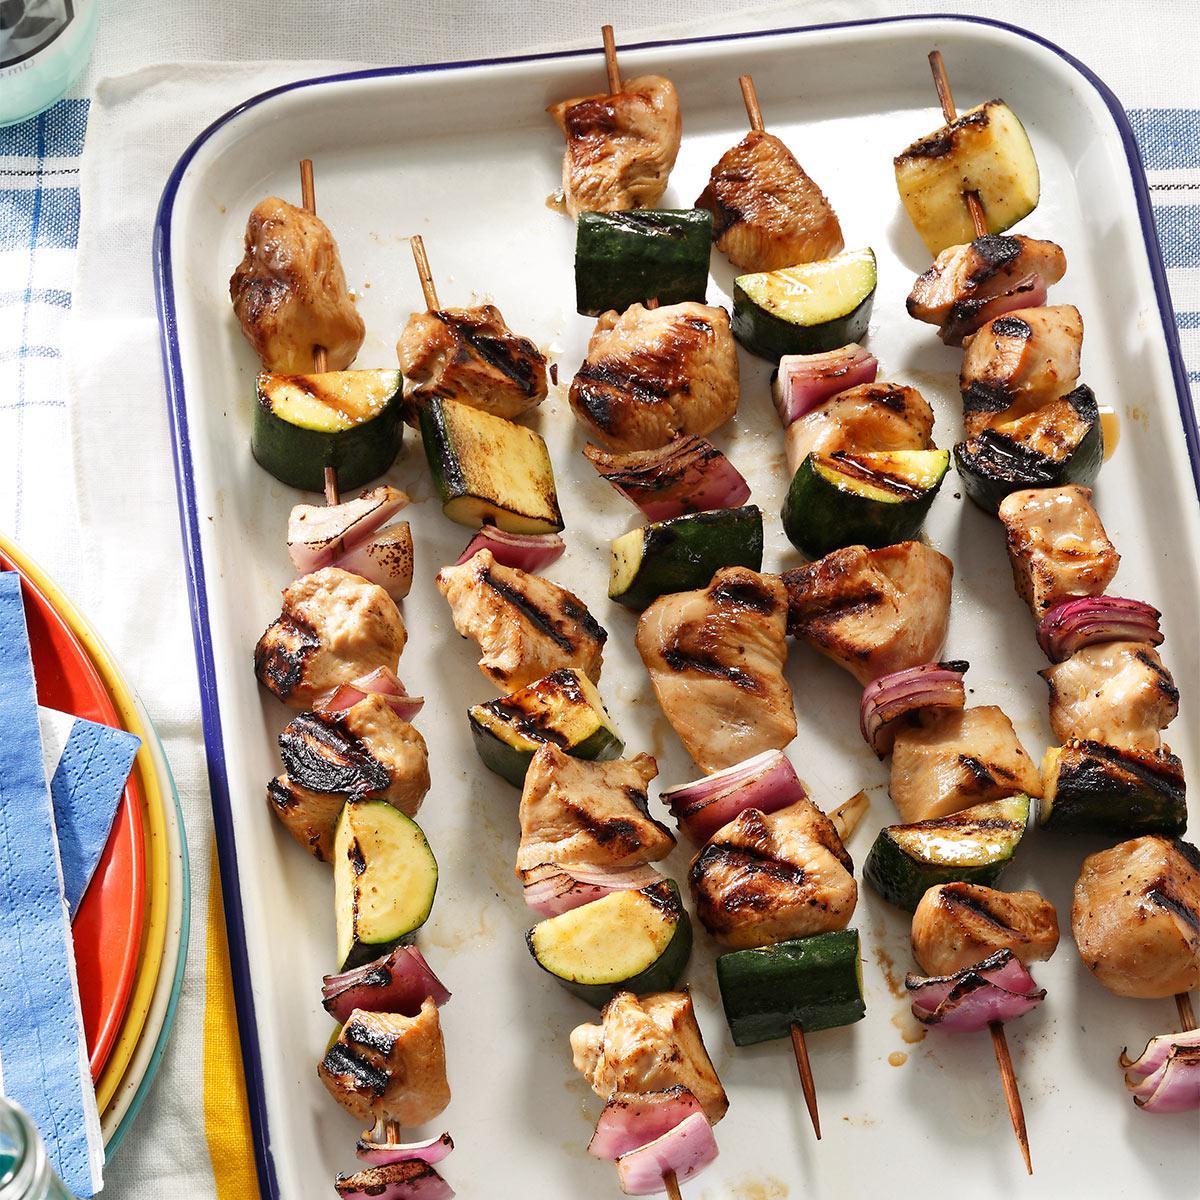 Delicious shish kebab at home